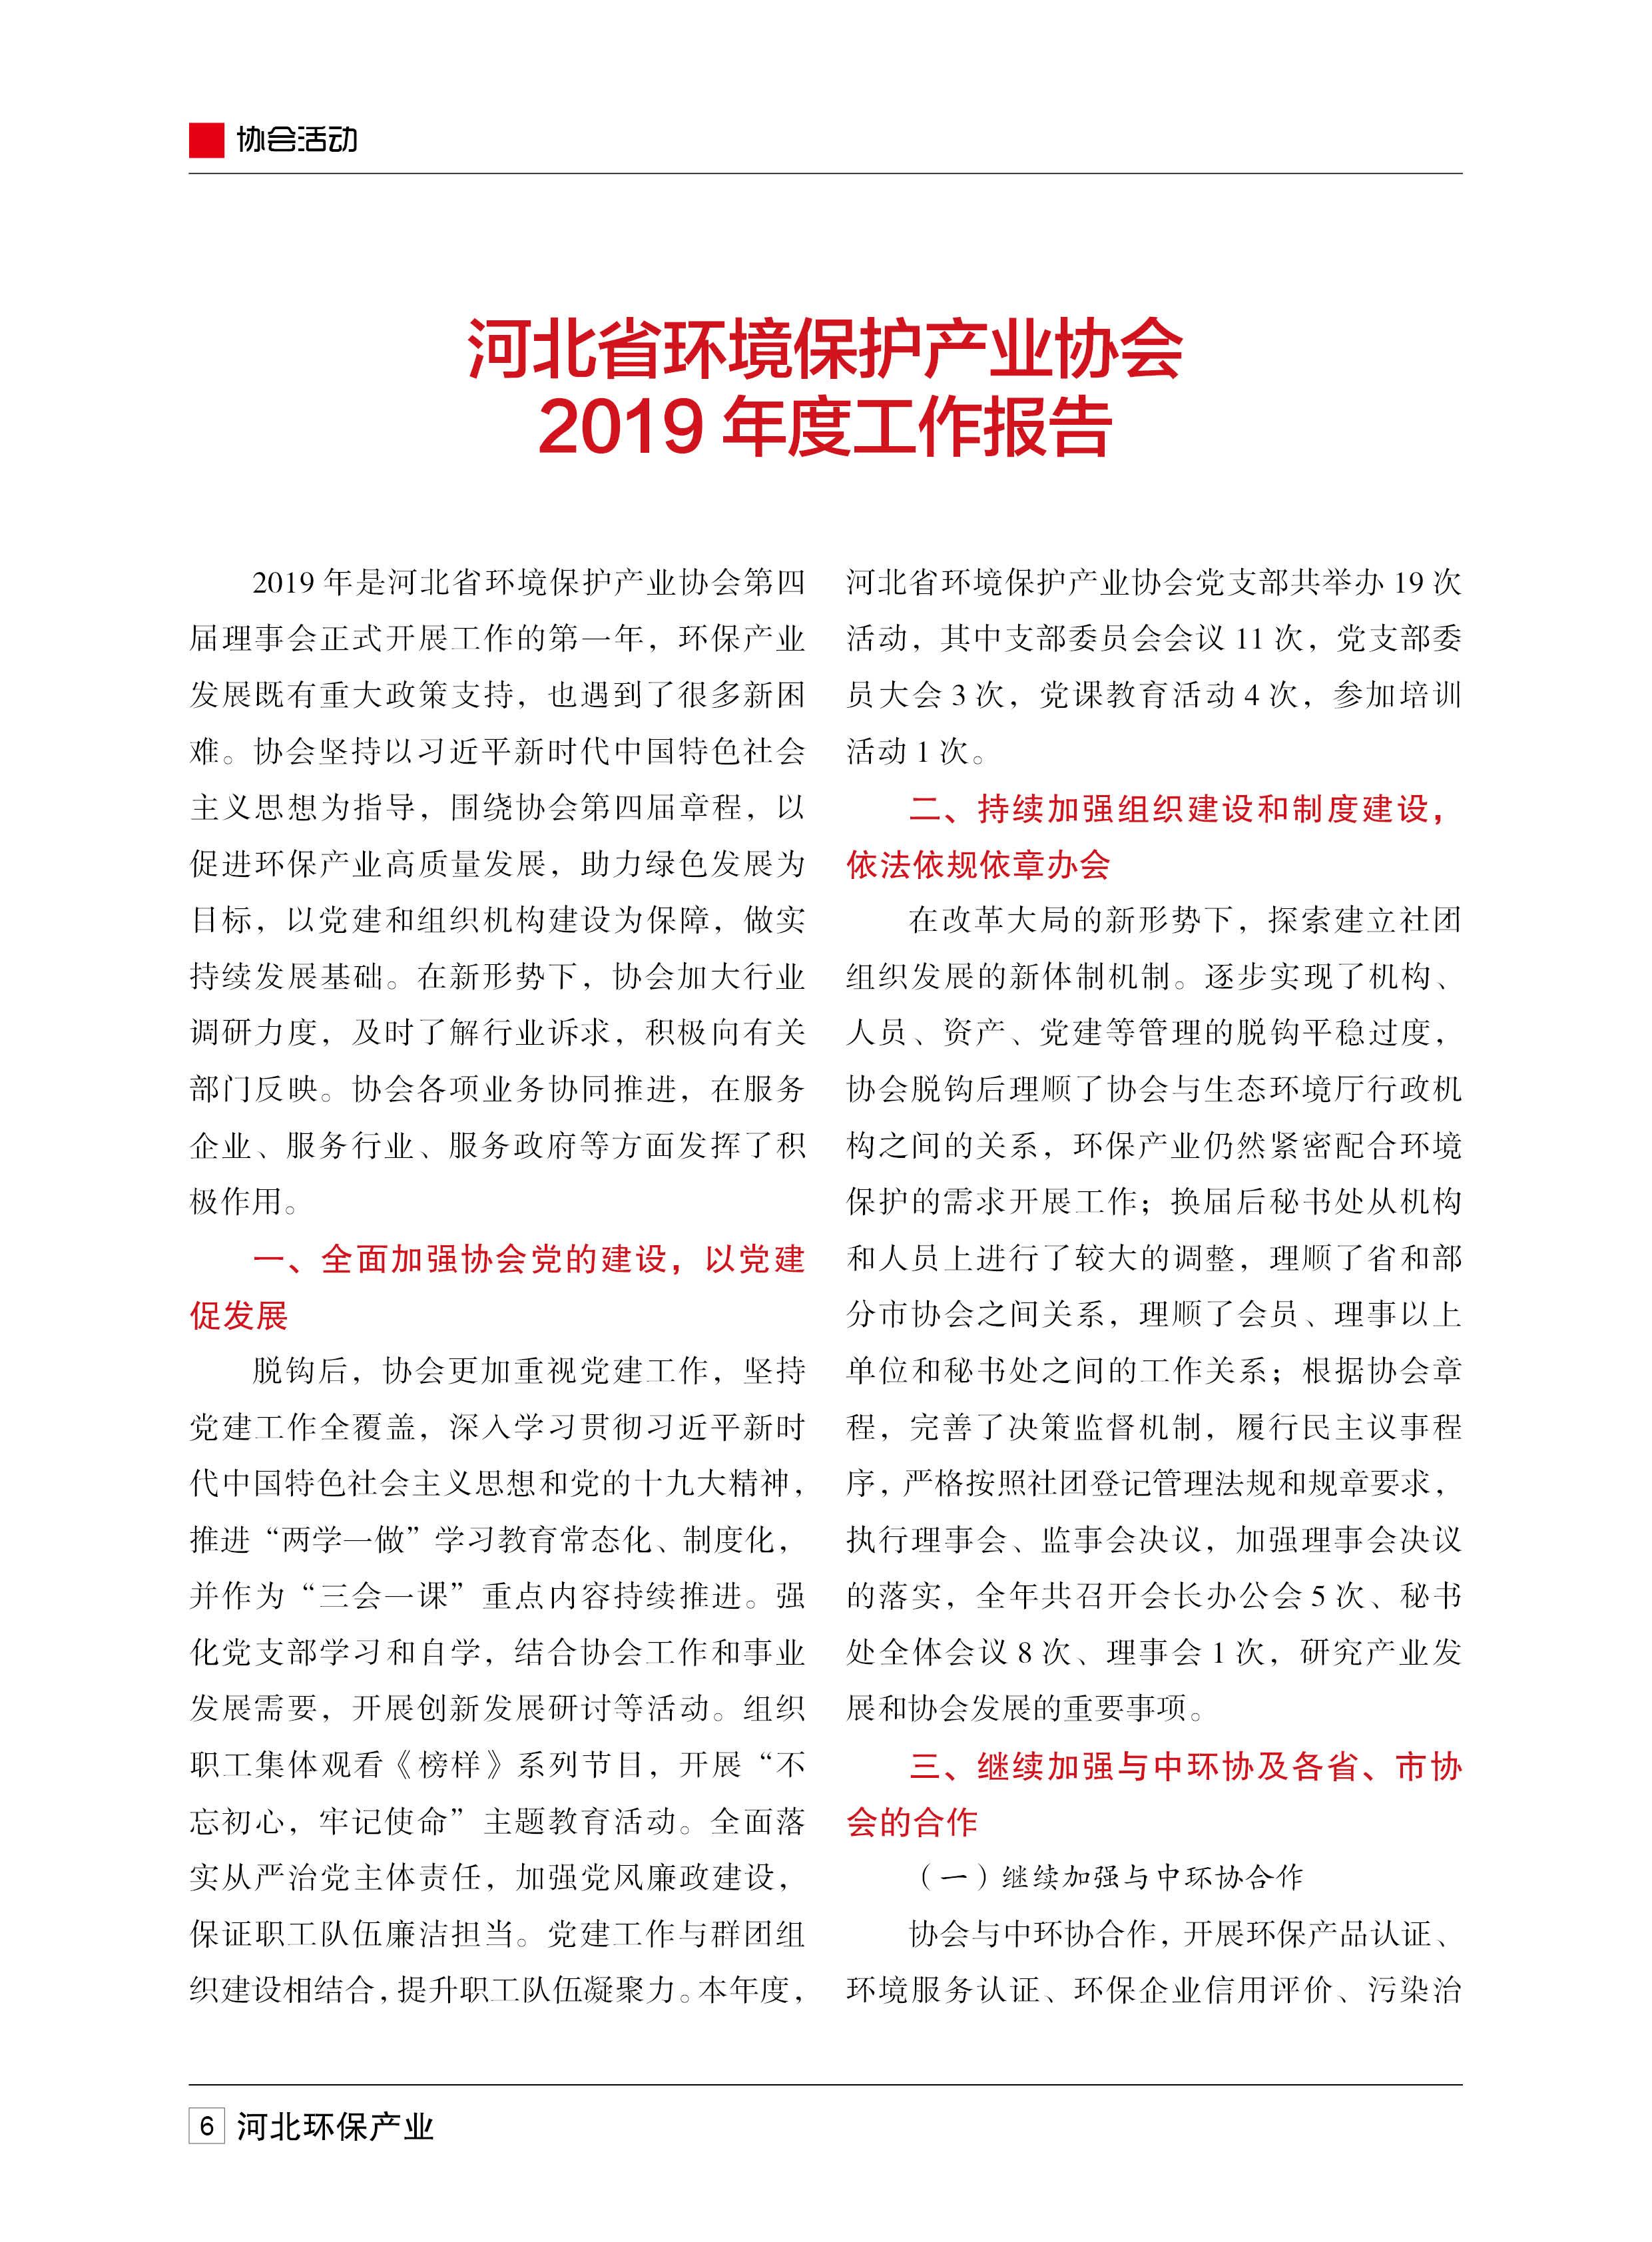 环保杂志1期6.jpg